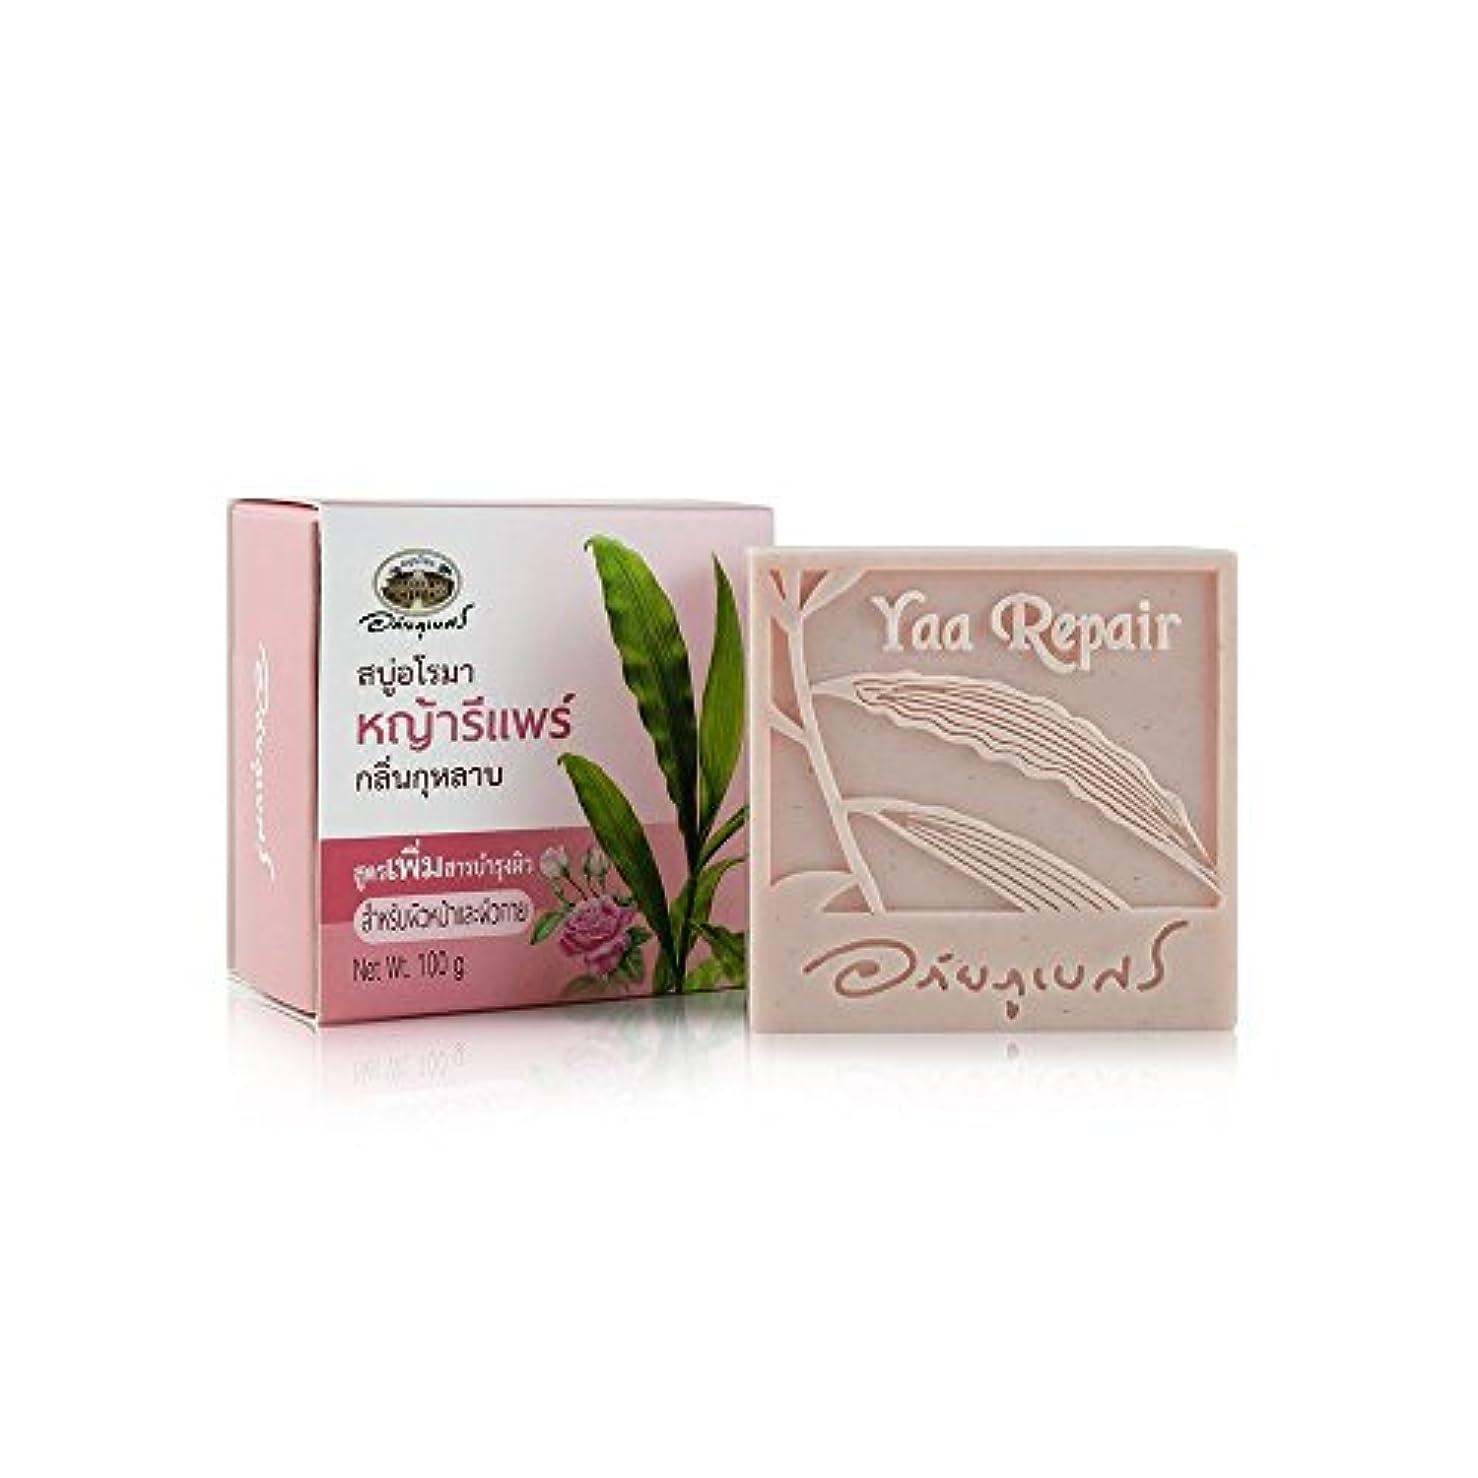 恐怖素晴らしさグラムAbhaibhubejhr Thai Aromatherapy With Rose Skin Care Formula Herbal Body Face Cleaning Soap 100g. Abhaibhubejhr...